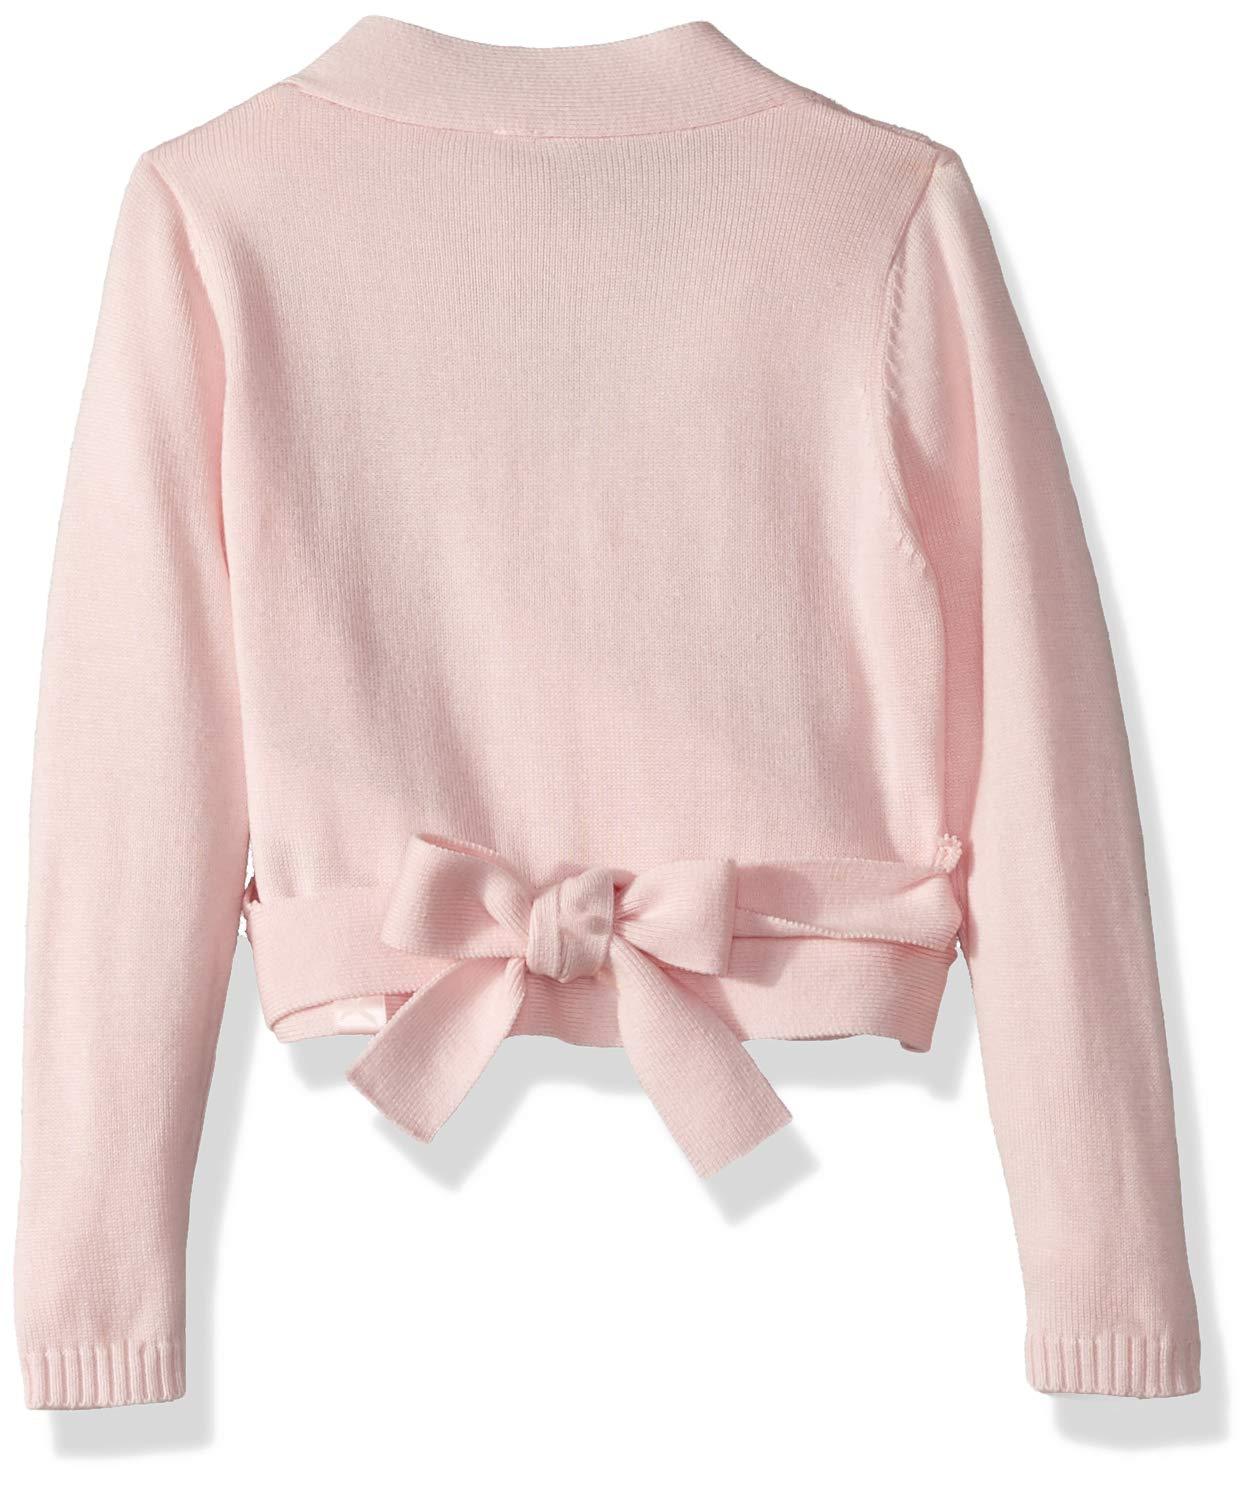 Capezio Girls' Little Wrap Sweater, Pink, Small by Capezio (Image #2)